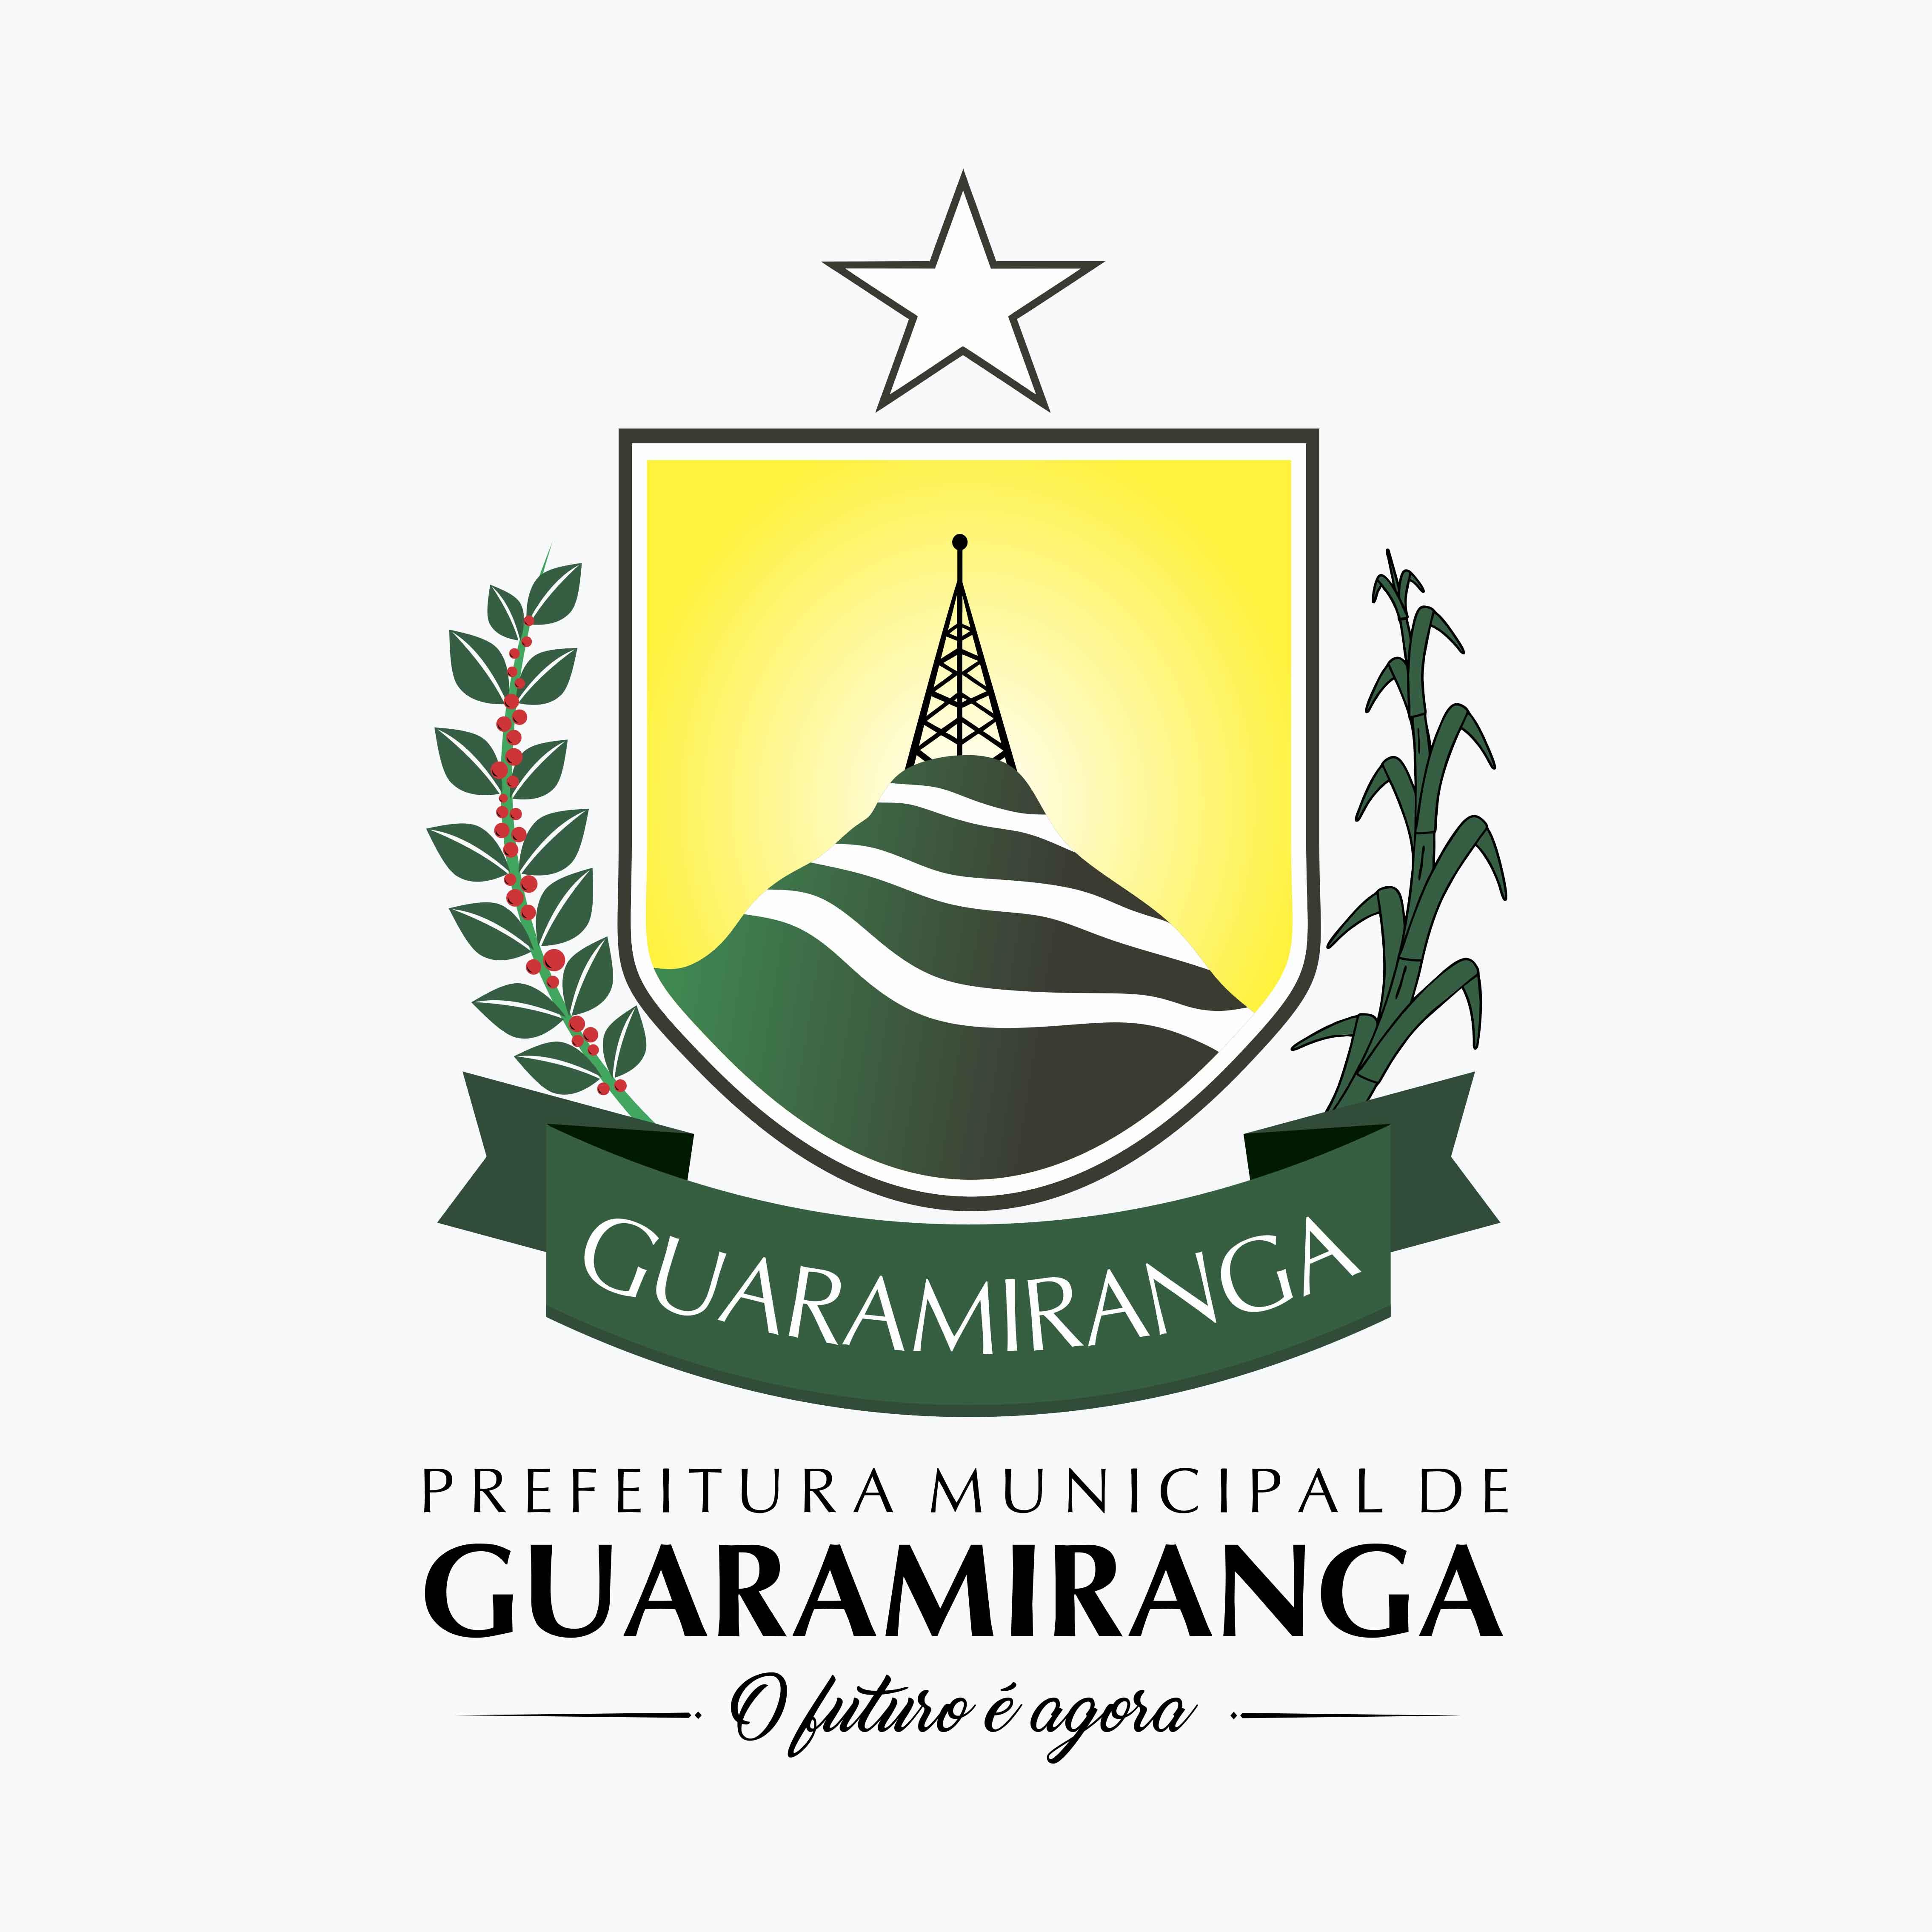 Antônio Gledison Vinuto de Lima